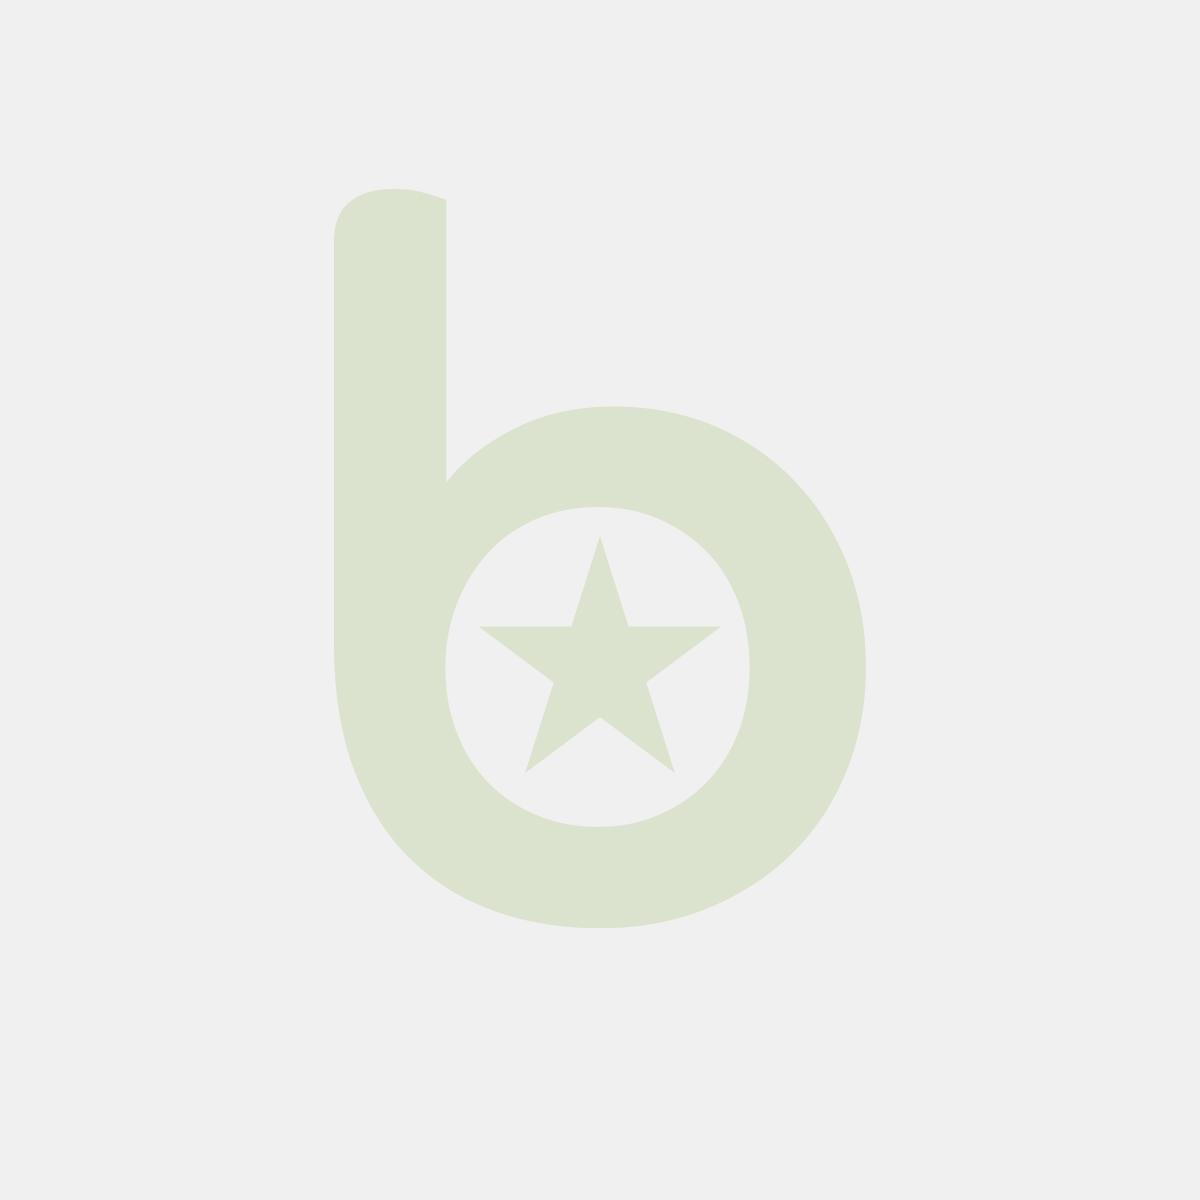 FINGERFOOD - rożek PS transparentny 30ml śr.6xh.10 op. 20 sztuk